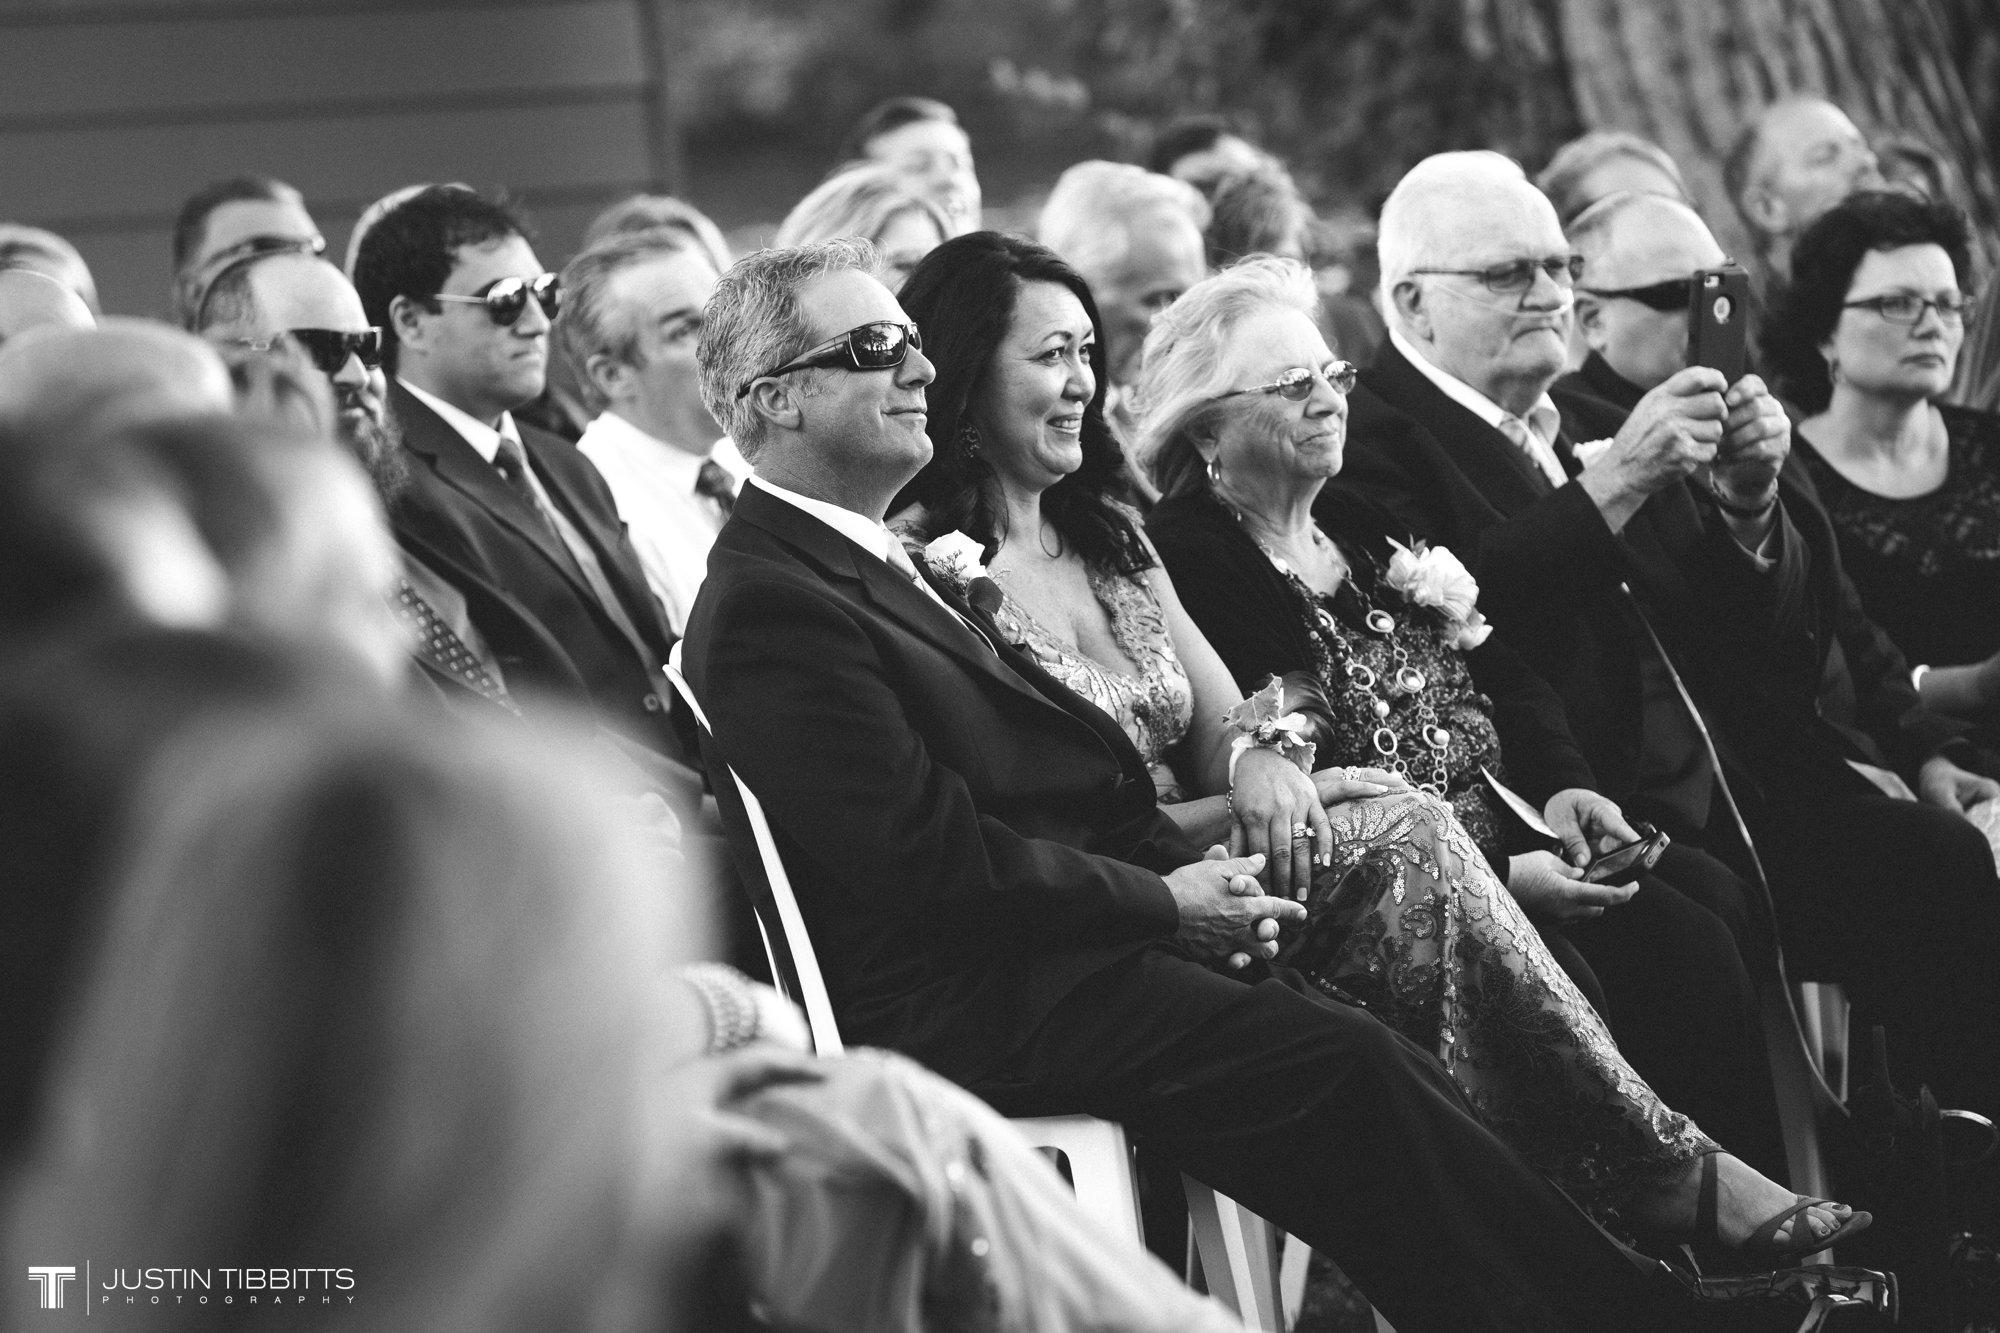 Albany NY Wedding Photographer Justin Tibbitts Photography 2014 Best of Albany NY Weddings-1082224239